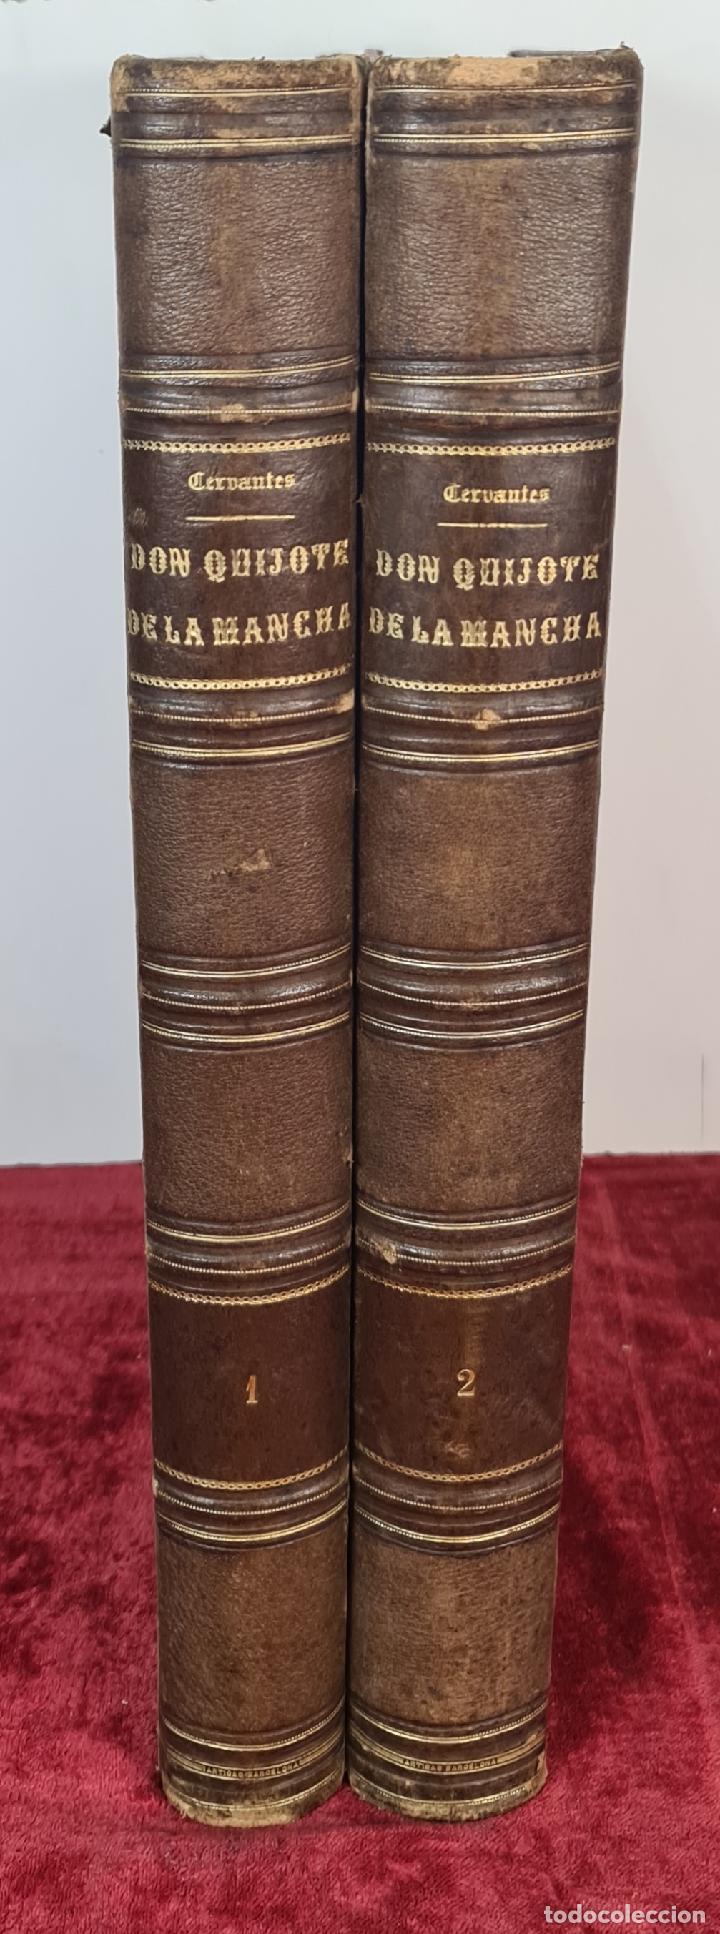 Libros de segunda mano: EL INGENIOSO HIDALGO DON QUIJOTE DE LA MANCHA. CERVANTES. IMP TOMAS SORCH. 1865. - Foto 2 - 211273695